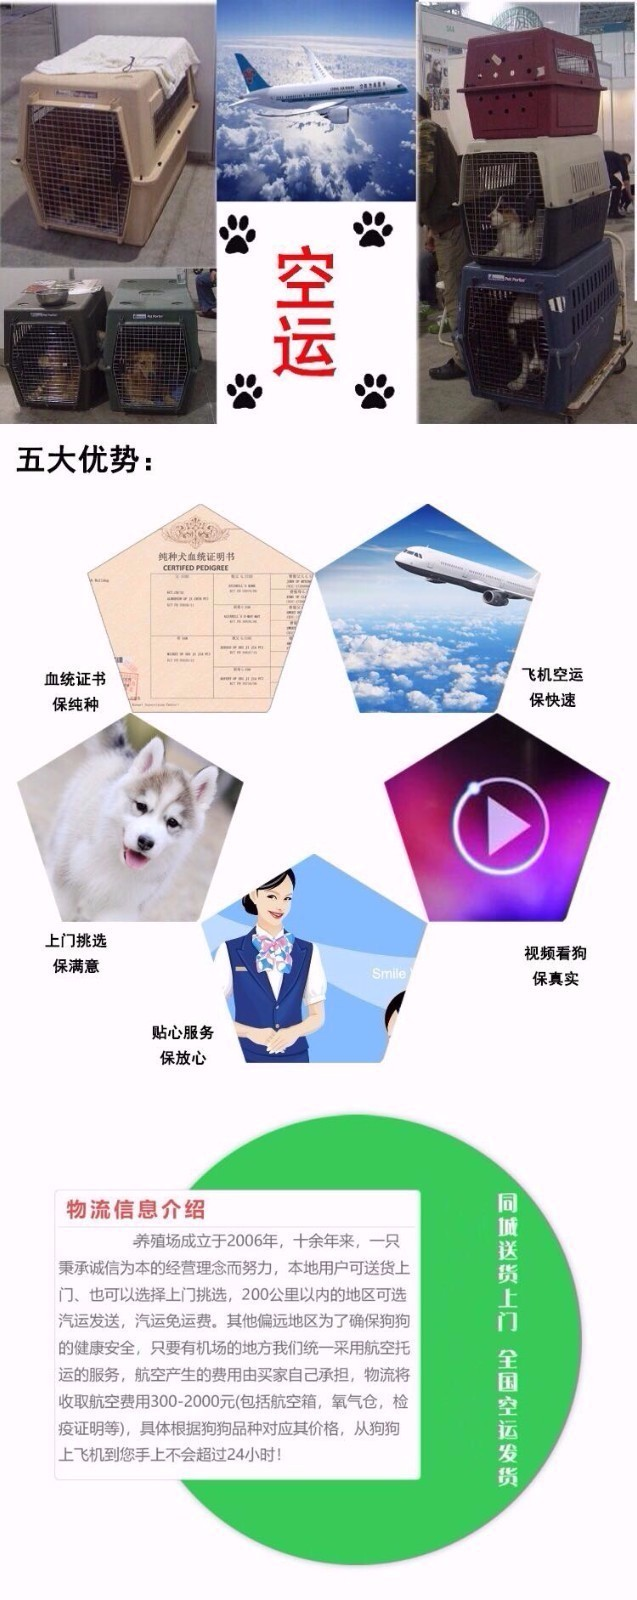 重庆至尊茶杯微小泰迪世家出售各色幼犬种公对外配种11